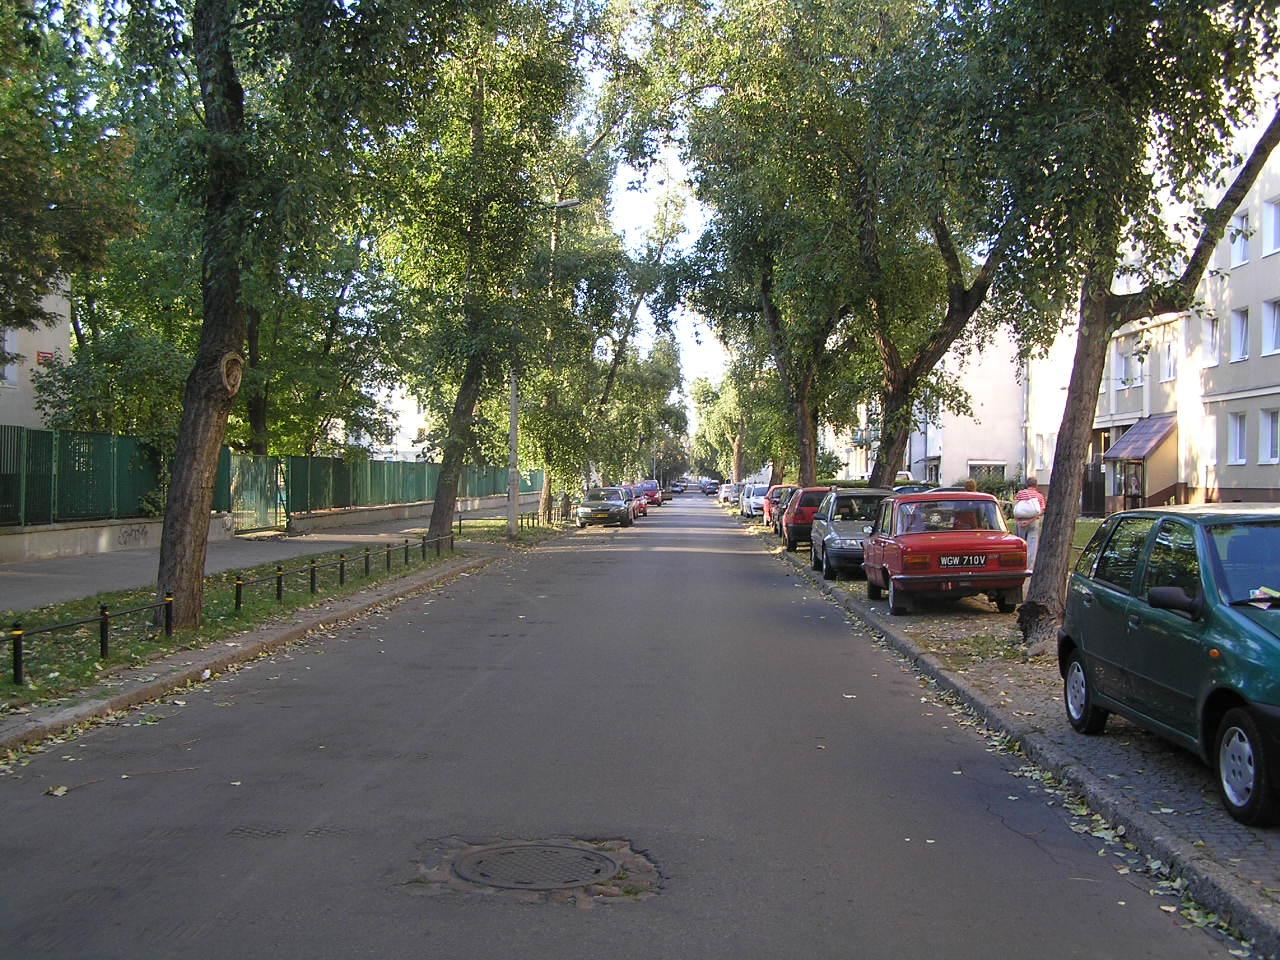 Sześciu wykonawców chce przebudować ulicę Siennicką